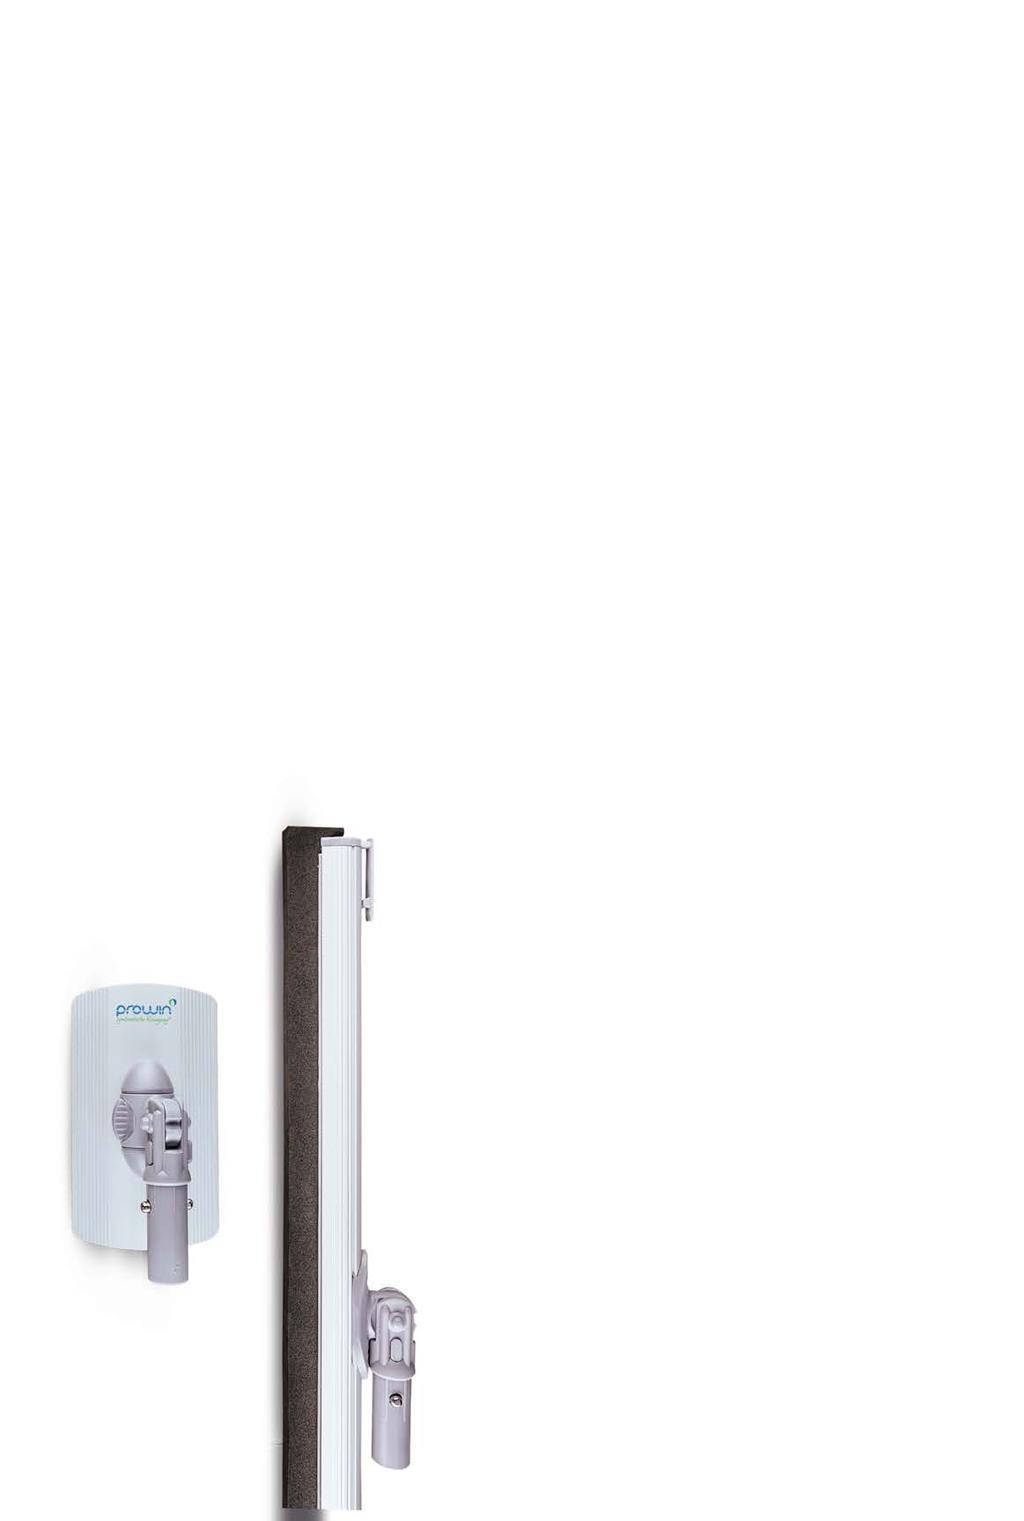 Full Size of Prowin Hochglanz Kche Symbiontische Reinigung Ihr Ratgeber Von Badezimmer Hochschrank Weiß Küche Grau Regal Bad Hängeschrank Kommode Wohnzimmer Einbauküche Wohnzimmer Prowin Hochglanz